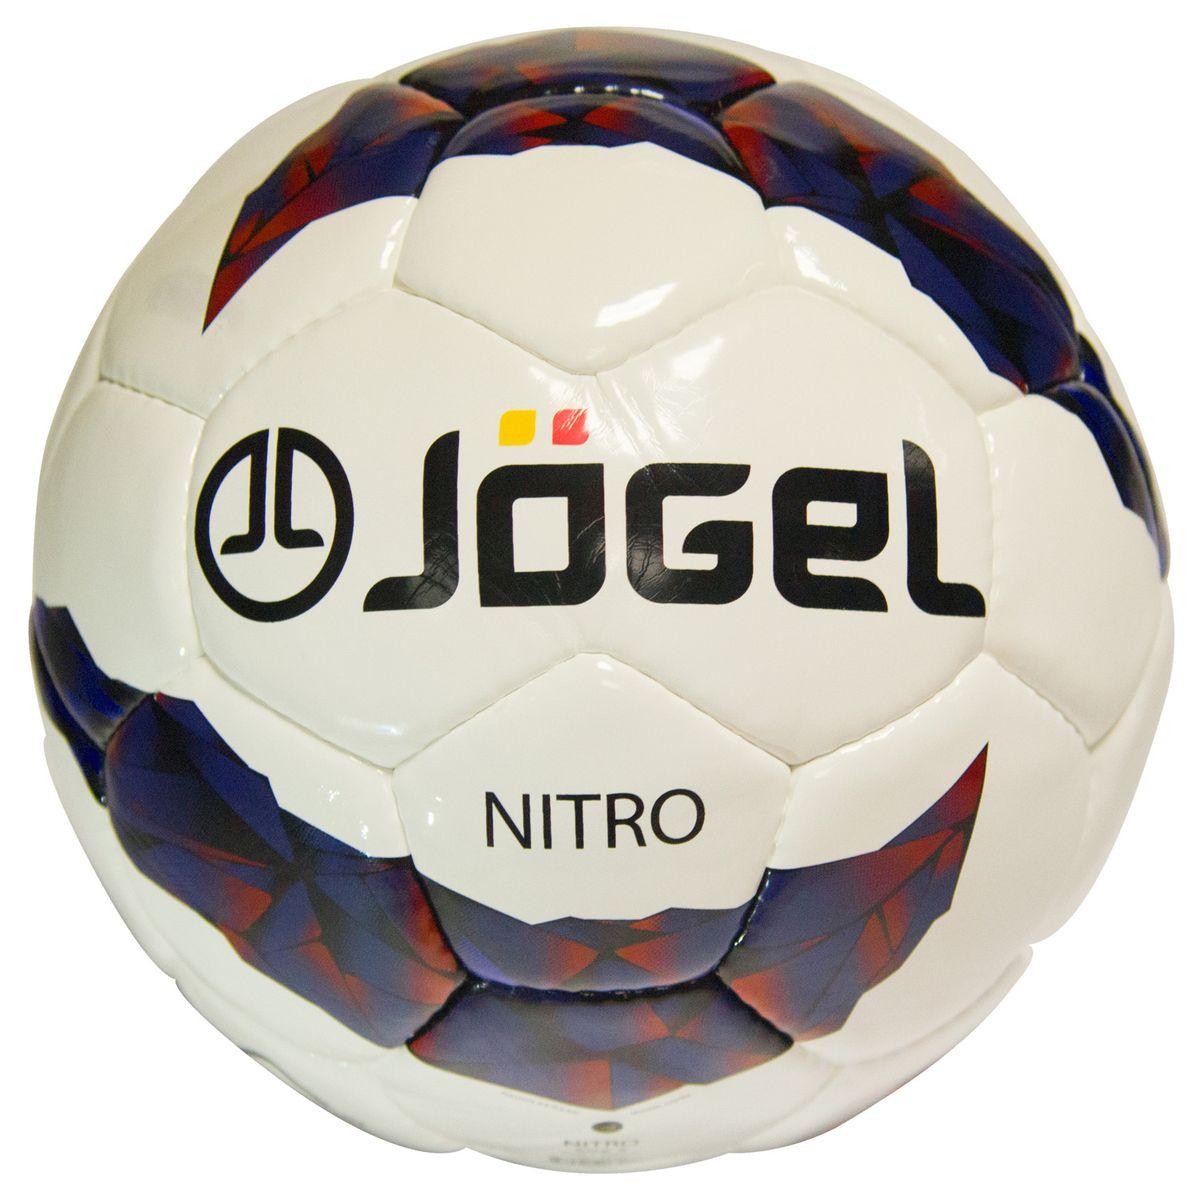 Мяч футбольный Jogel Nitro, цвет: белый, синий, бордовый, черный. Размер 5. JS-700УТ-00009477Название: Мяч футбольный Jgel JS-700 Nitro №5 Категория: Тренировочный мяч Коллекция: 2016/2017 Описание: Jogel JS-700 Nitro превосходный мяч ручной сшивки тренировочного уровня, имеющий более плотный материал покрышки, чем у мяча Jogel JS-500 Derby, благодаря чему обеспечивается более мягкий контакт и максимальная прочность. Данный мяч рекомендован для тренировок и тренировочных игр клубных и любительских команд. Поверхность мяча выполнена из глянцевой синтетической кожи (полиуретан) толщиной 1,2 мм. Мяч имеет 4 подкладочных слоя на нетканой основе (смесь хлопка с полиэстером) и оснащен латексной камерой с бутиловым ниппелем, обеспечивающим долгое сохранение воздуха в камере. Уникальной особенностью бренда Jogel является традиционная конструкция мячей из 30 панелей. Привлекательный дизайн Коллекции 2016/2017 ярко выделяет мячи Jogel на витрине. Данный мяч подходит для поставок на гос. тендеры. При производстве мячей Jogel не используется детский труд. Официальный размер и вес FIFA....